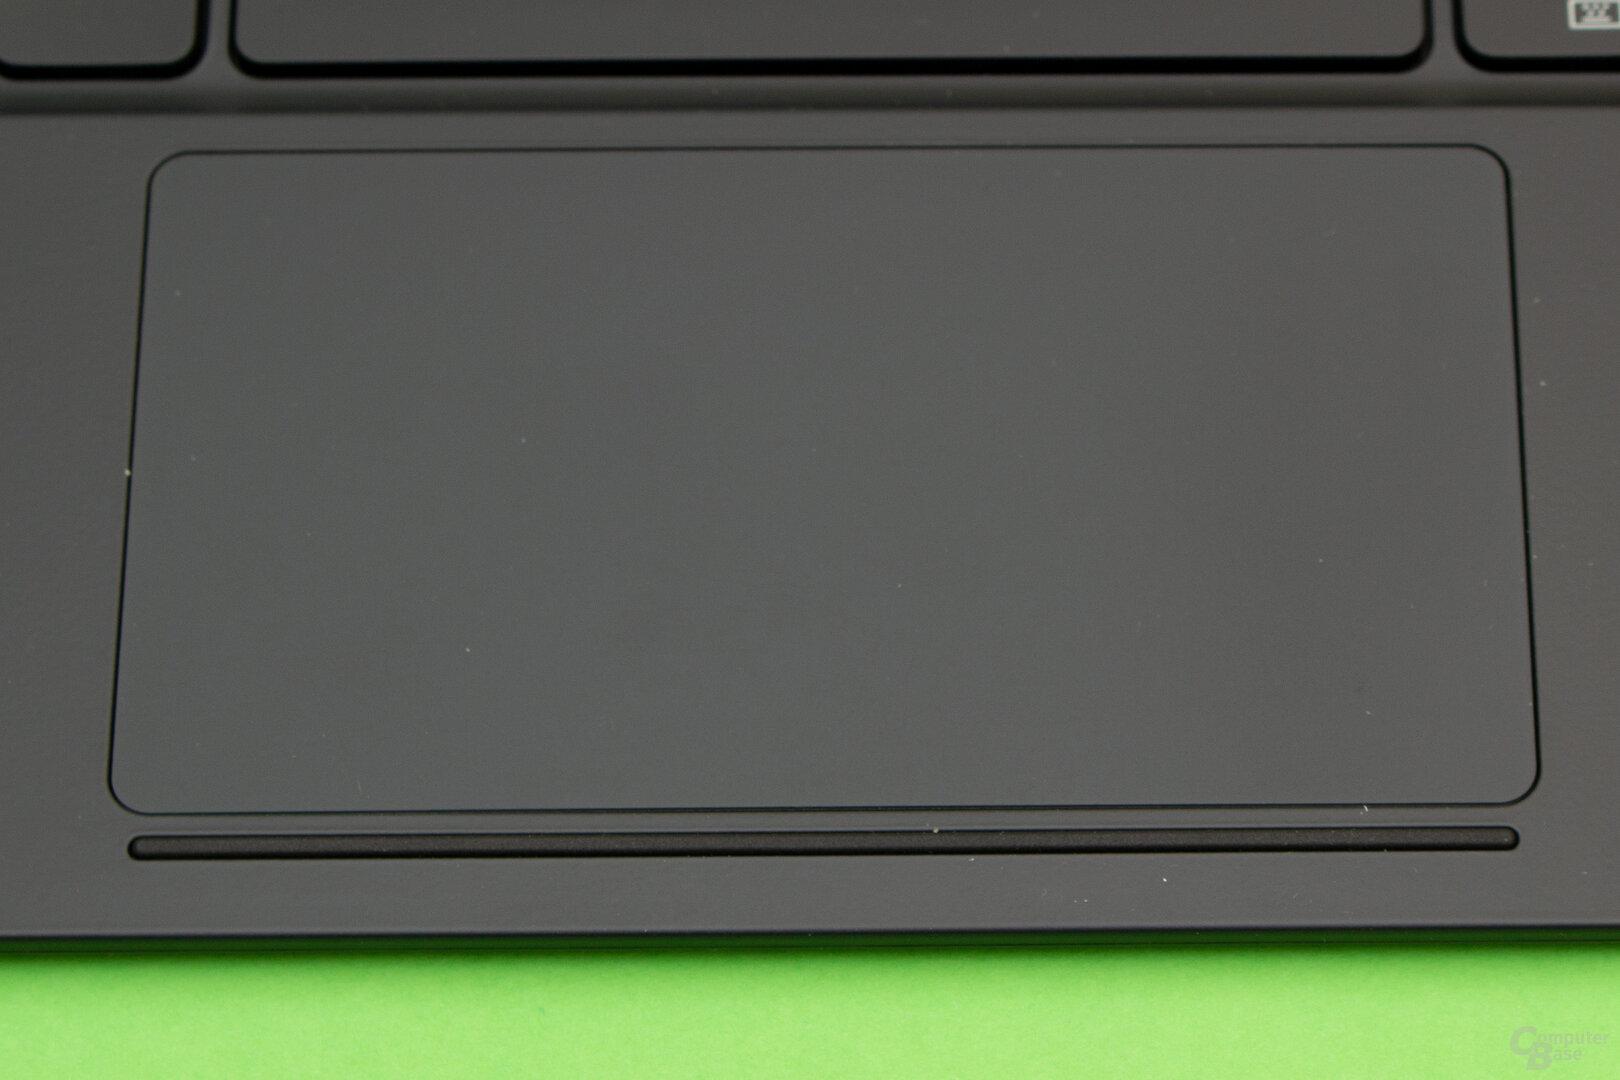 Das Touchpad des Book Cover Keyboard lässt grundlegende Funktionen vermissen